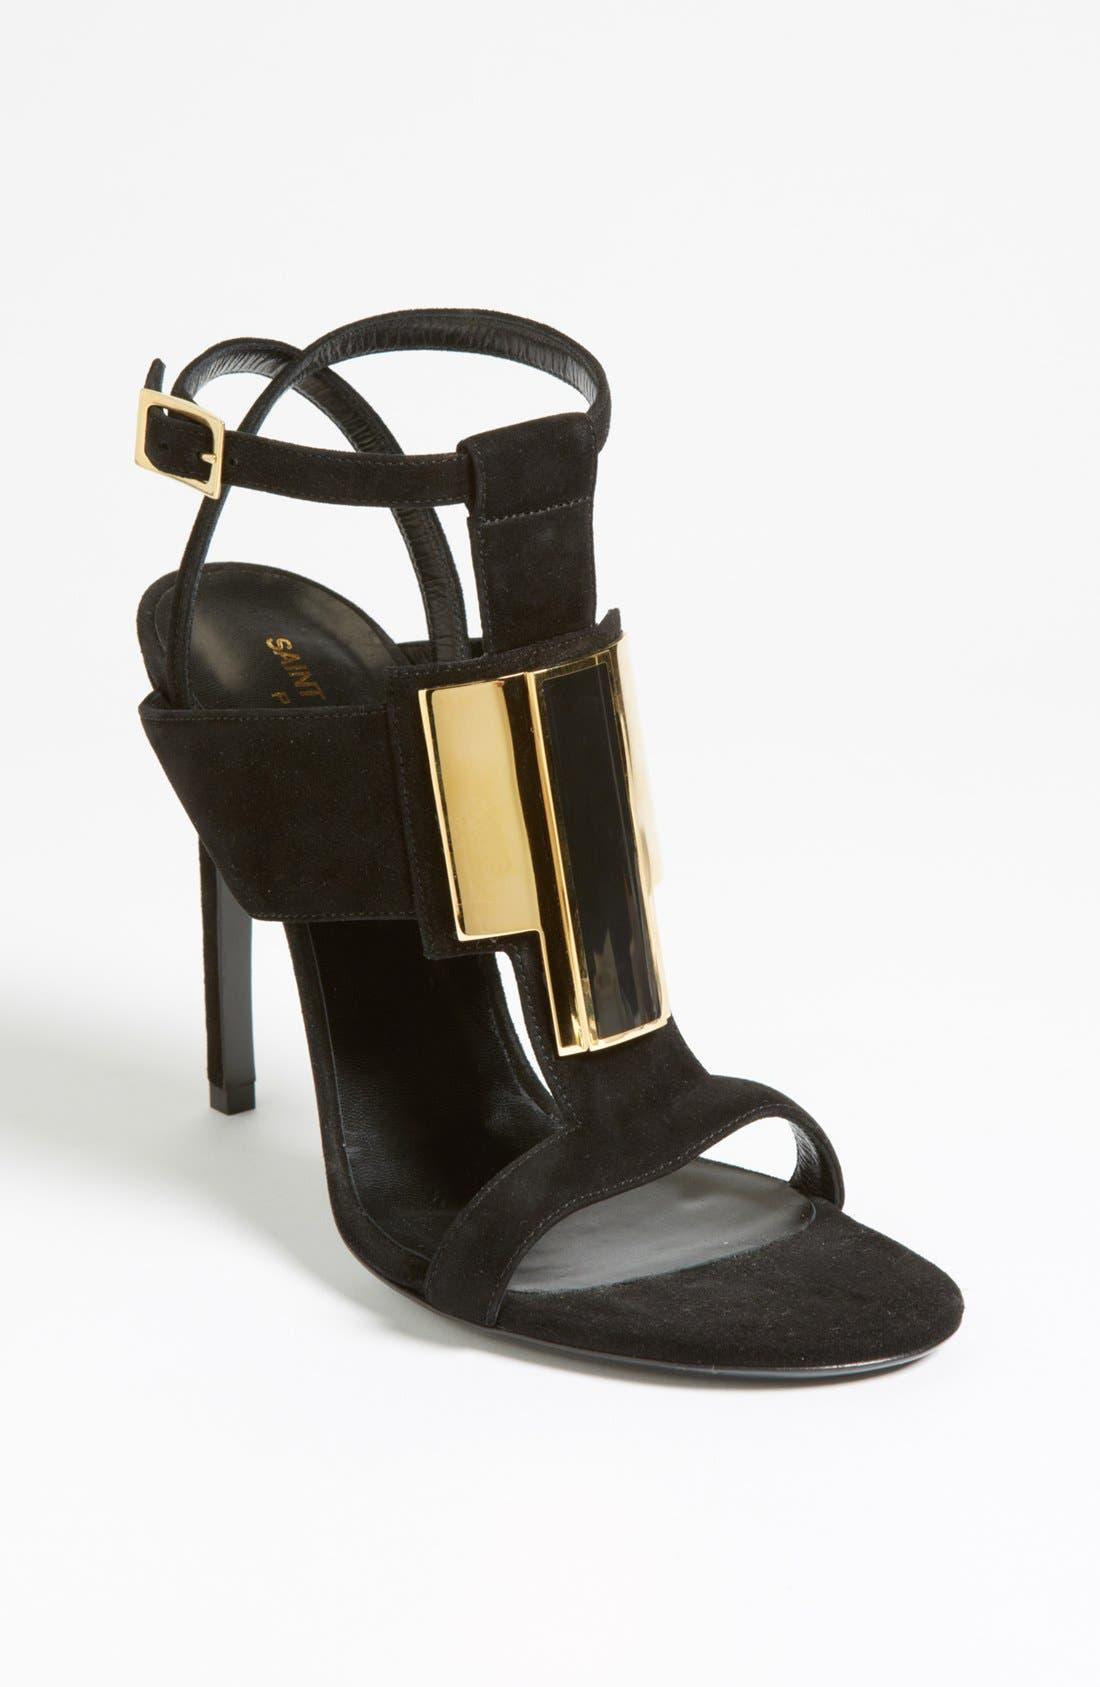 Alternate Image 1 Selected - Saint Laurent 'Janis Metal' Sandal